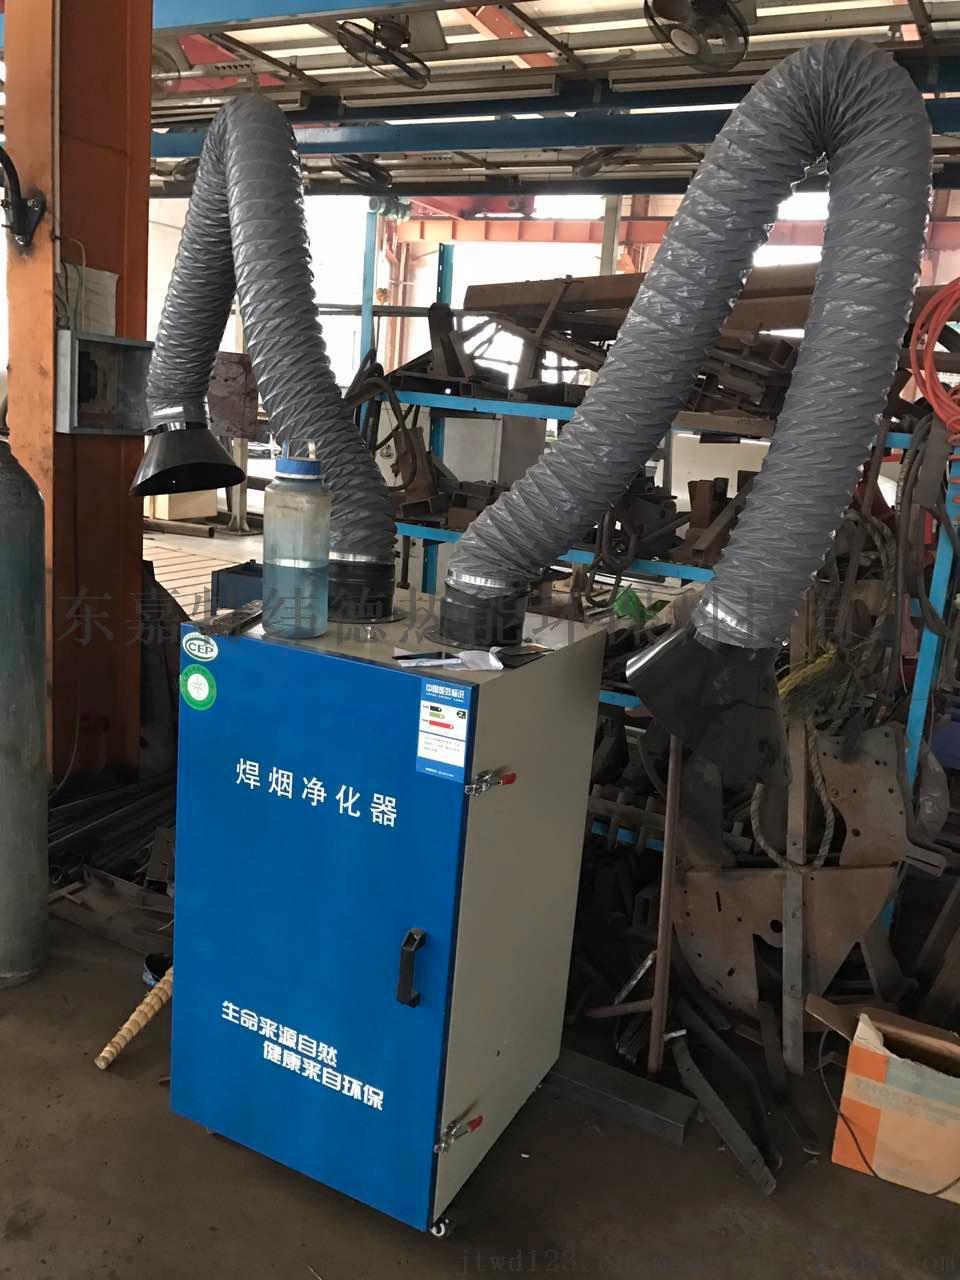 新疆超大风焊烟净化器JTWD焊烟净化器狗视频头图片